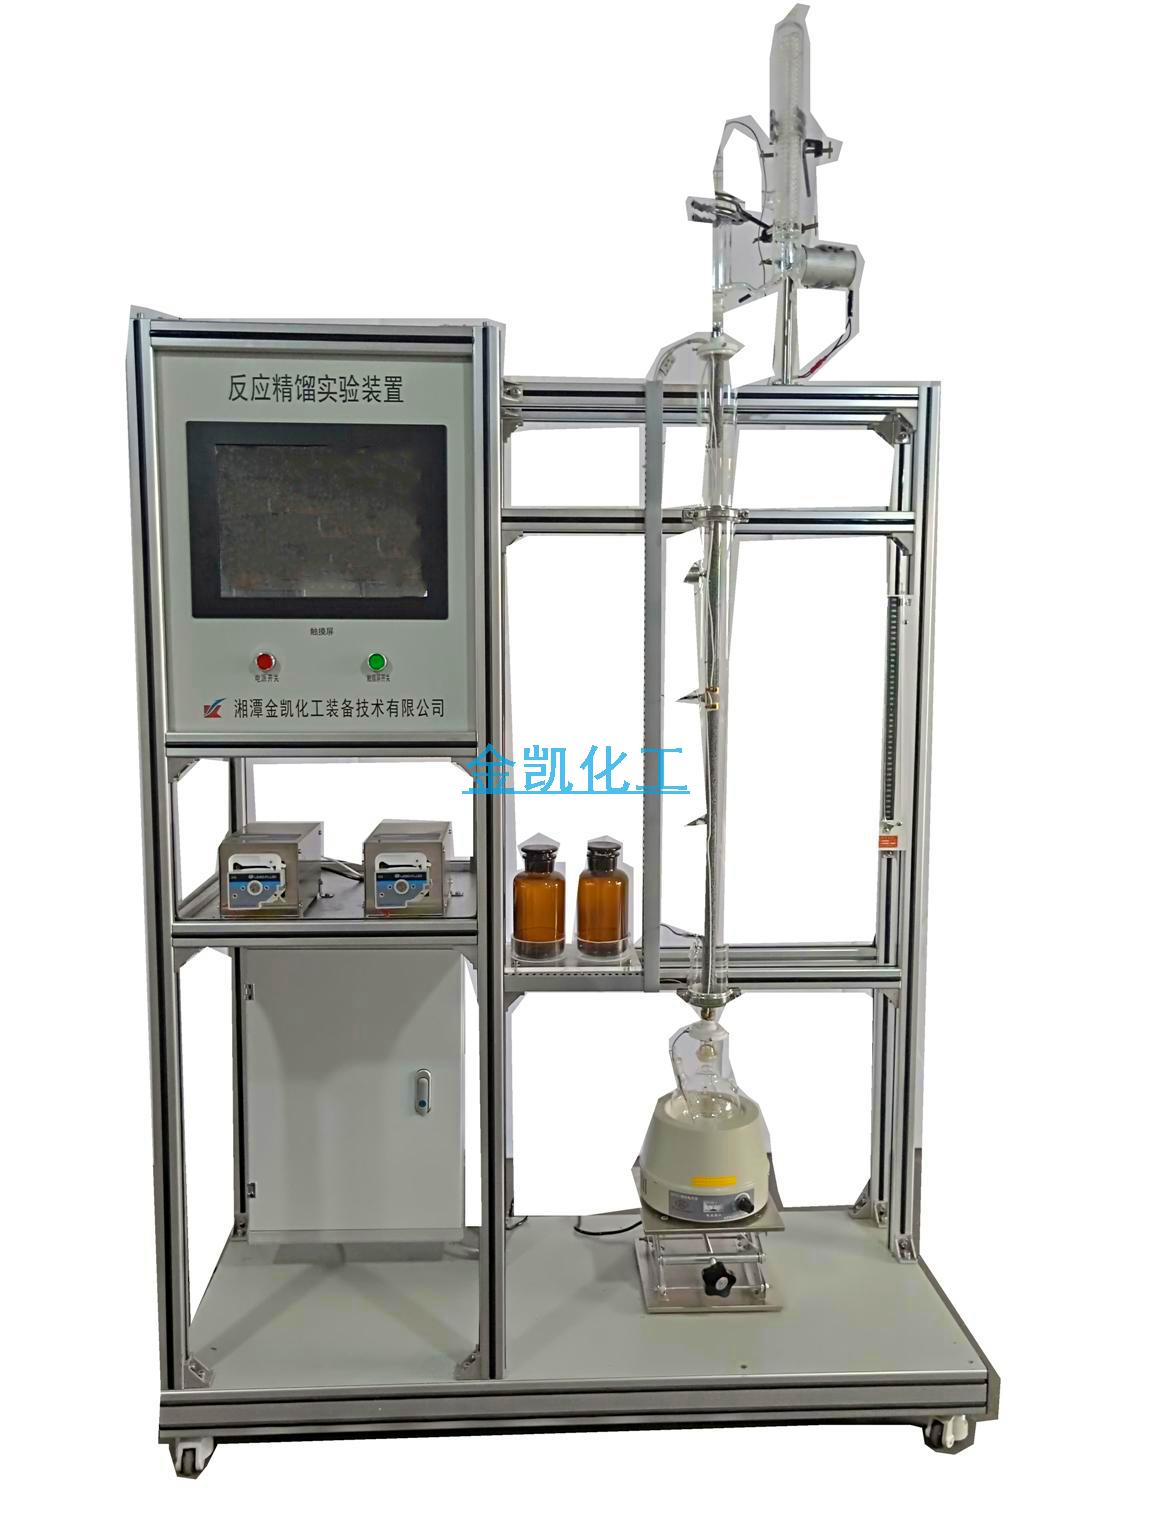 反應精餾實驗裝置